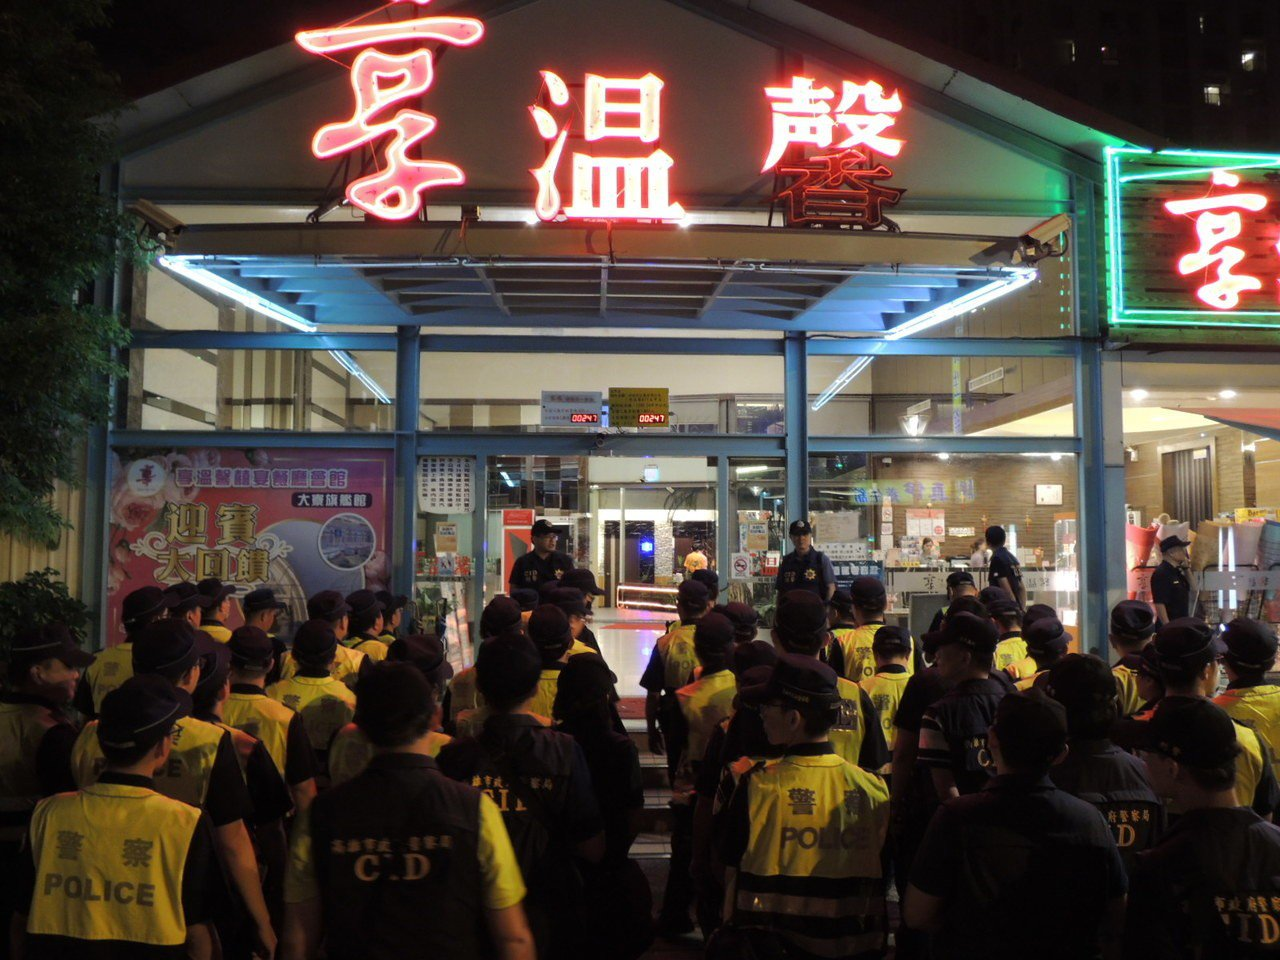 高雄市警察局展開為期3個月的青春專案,鳳山分局秉持防微杜漸的觀念,針對轄區內易有...